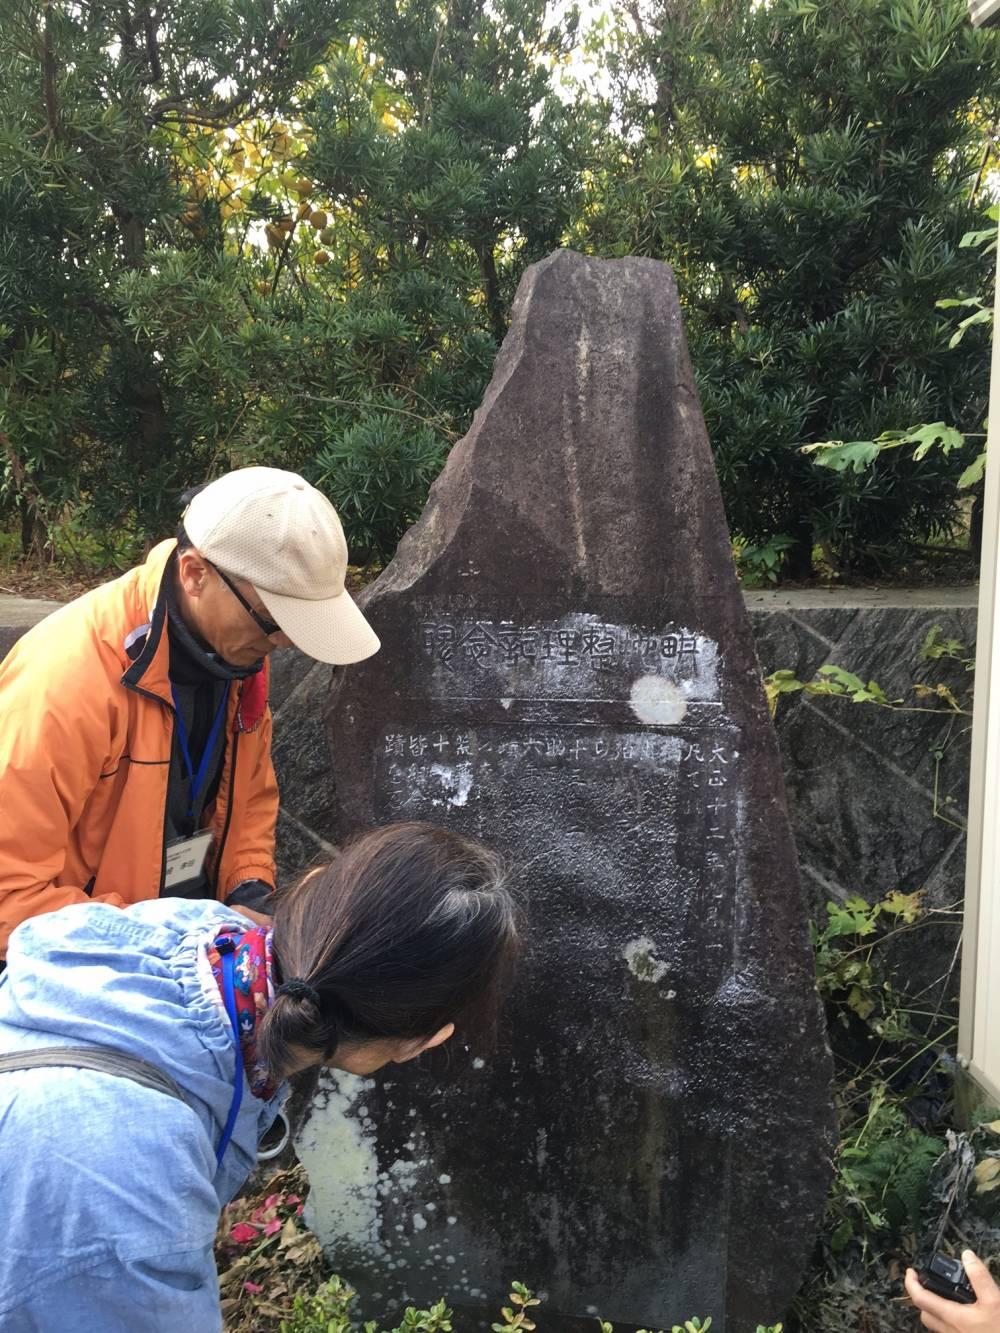 耕地整理記念碑